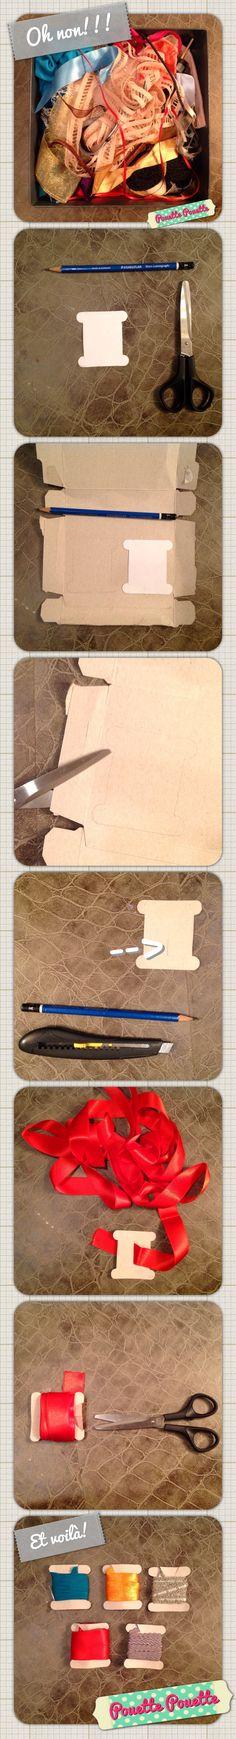 Tuto Rangement ruban by Pouette Pouette